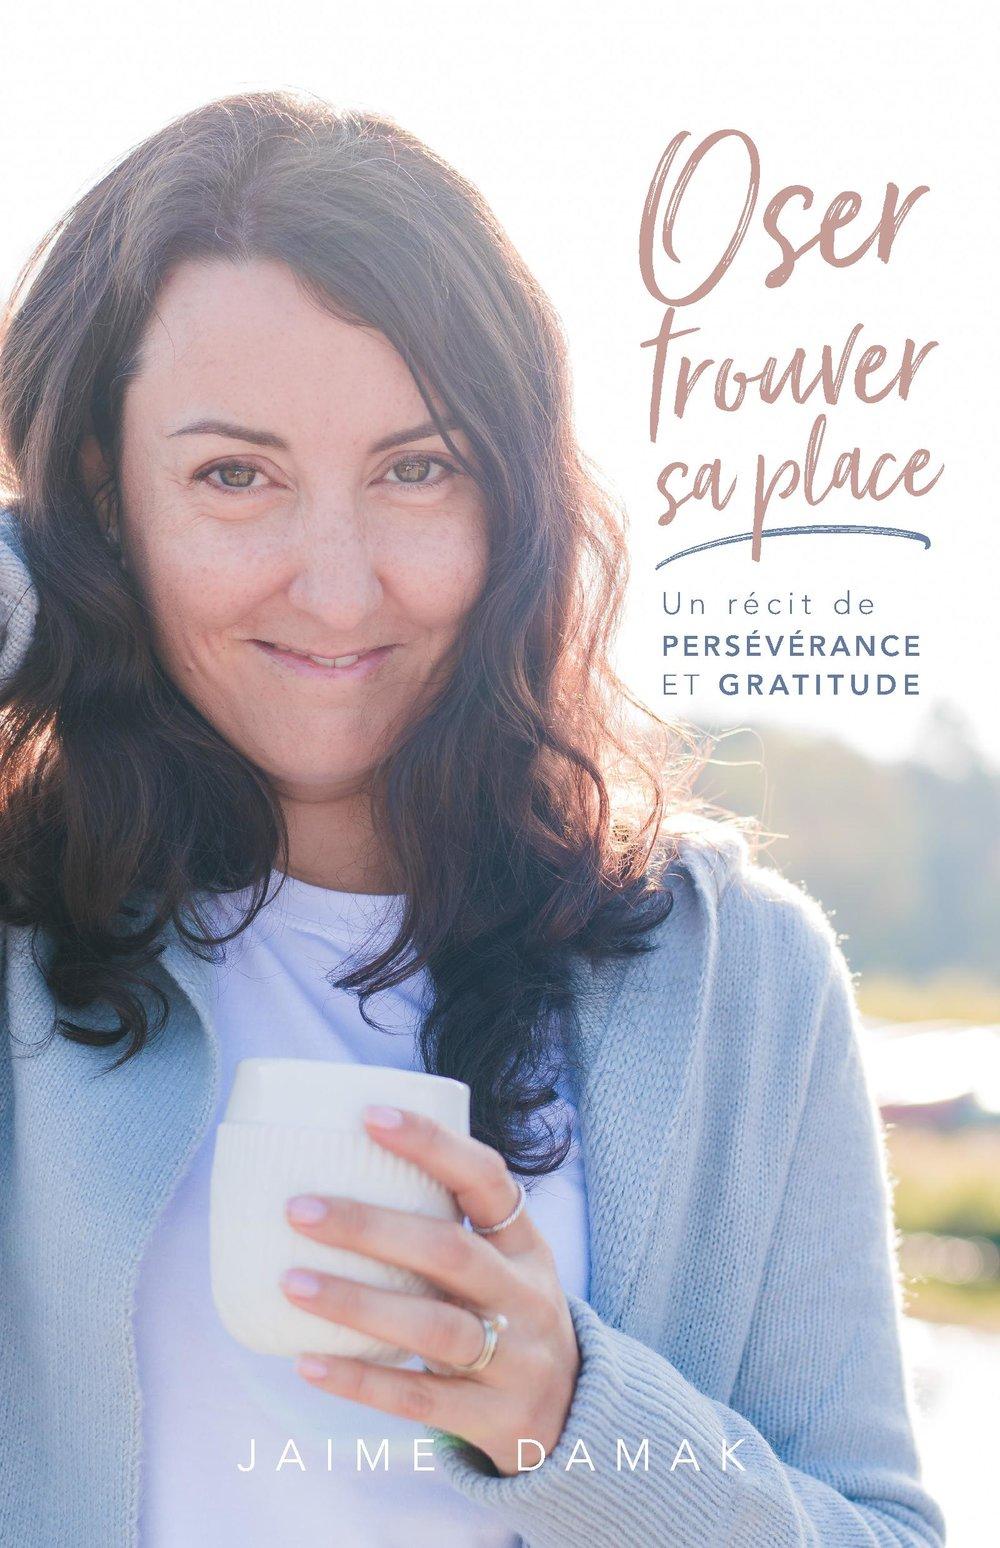 Oser+trouver+sa+place+-+Jaime+Damak-livre-récit+de+vie-autobiographie-autoédition-publication-Je+suis+une+maman.jpeg